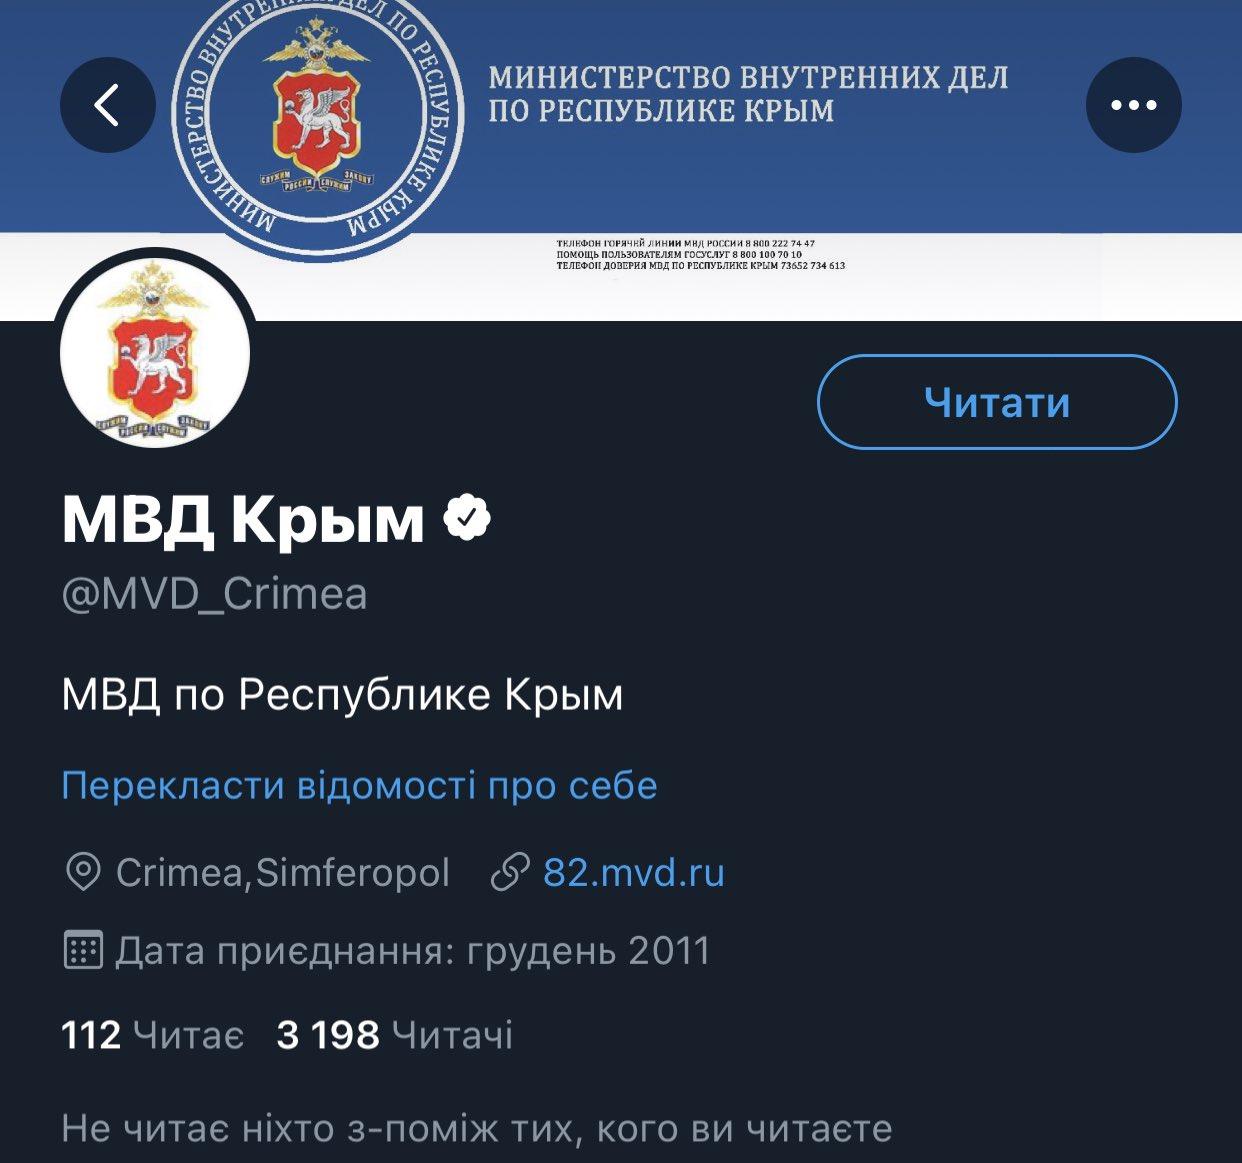 Twitter верифицировал аккаунты МВД России в Крыму